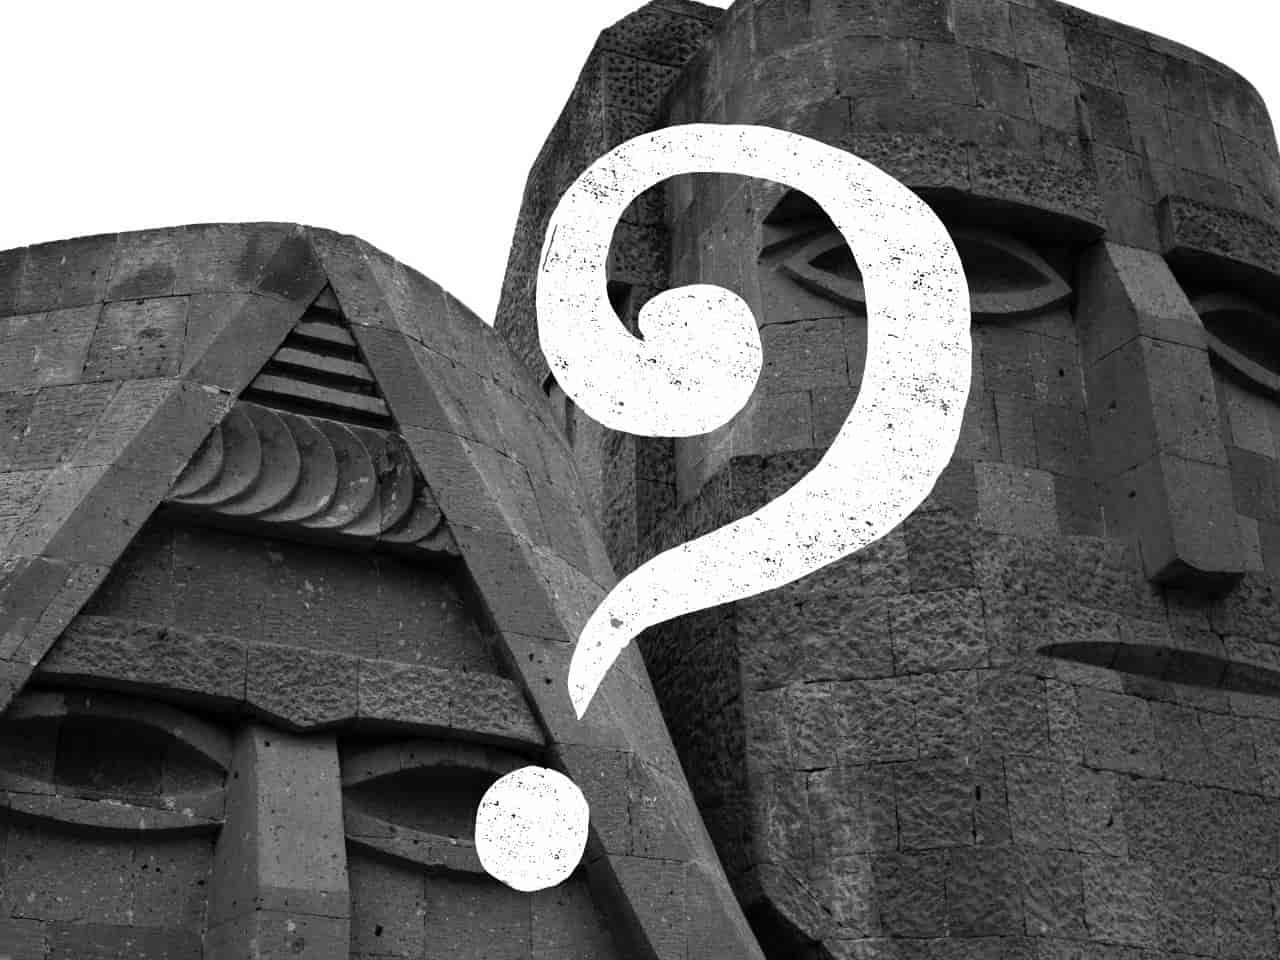 考える二体の石像